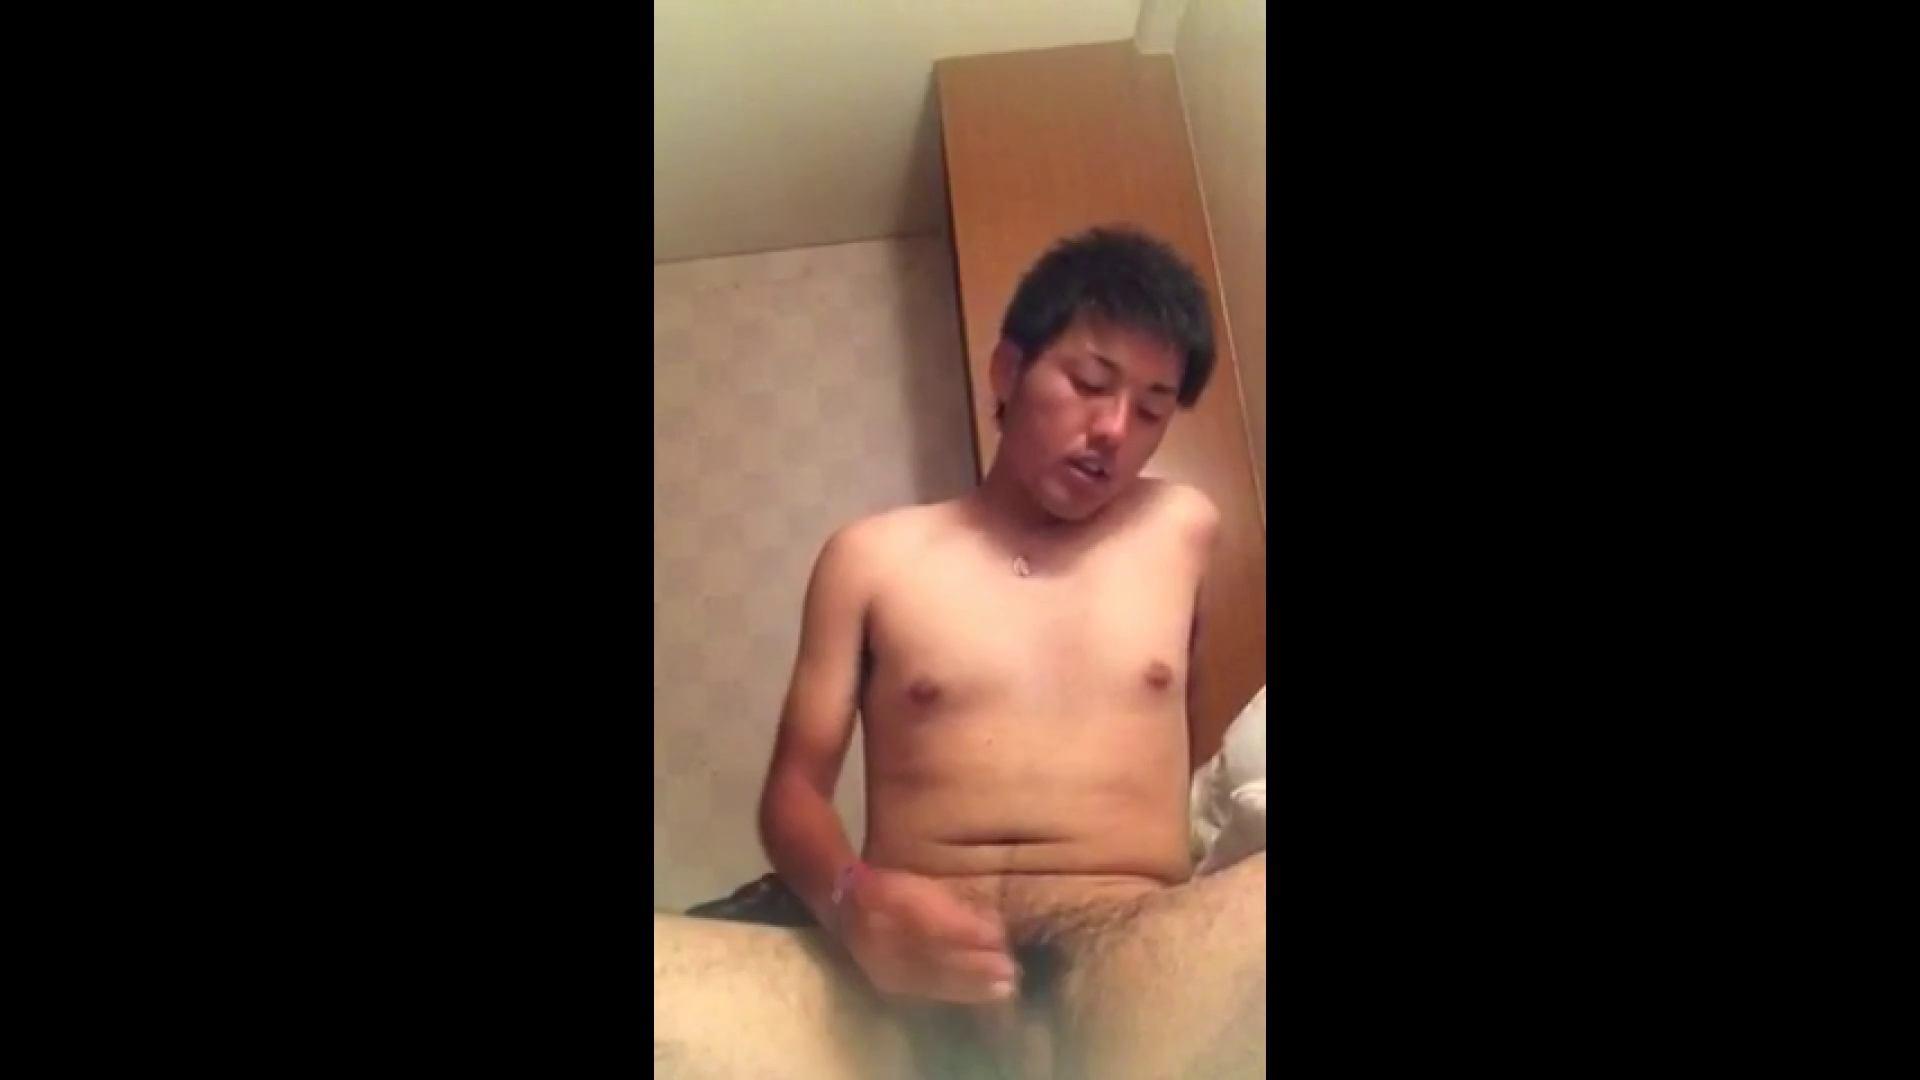 キター!ノンケちゃんオナニー特集vol.29 オナニー ゲイモロ画像 75pic 30